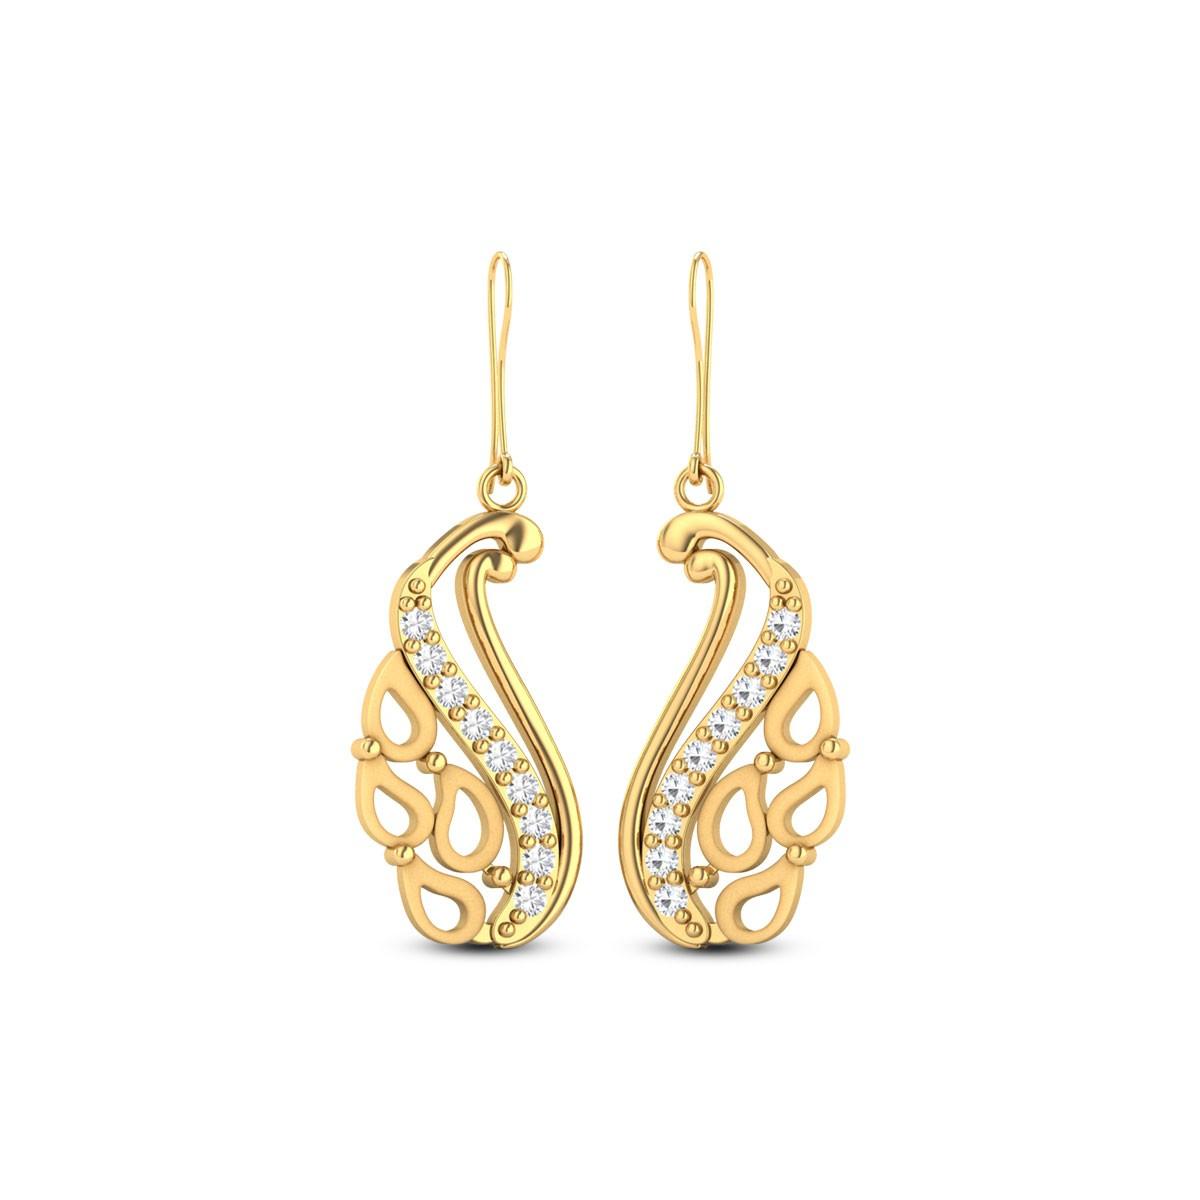 Juno Gold & CZ Earrings